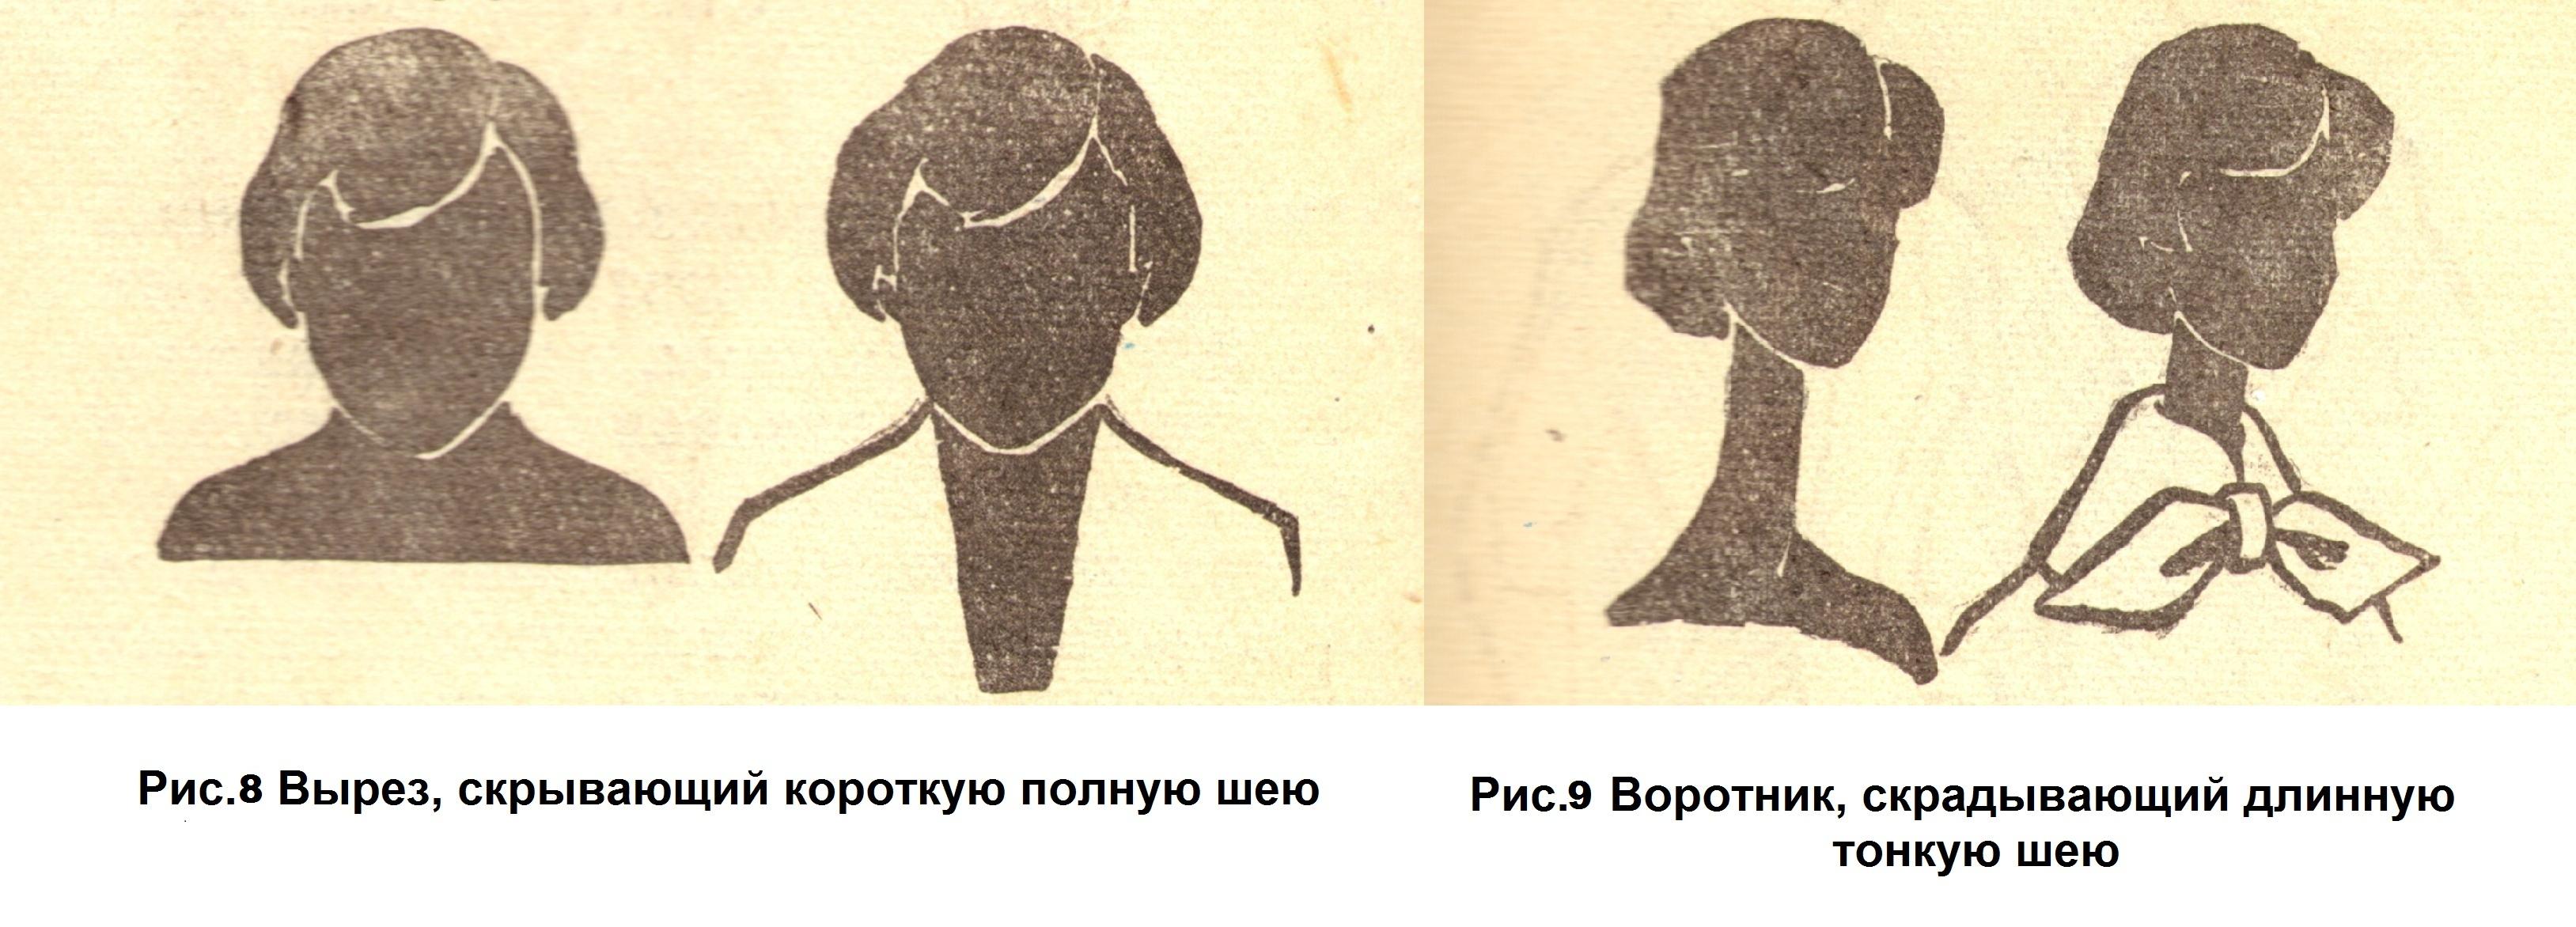 Коротка и длинная шея (8-9)